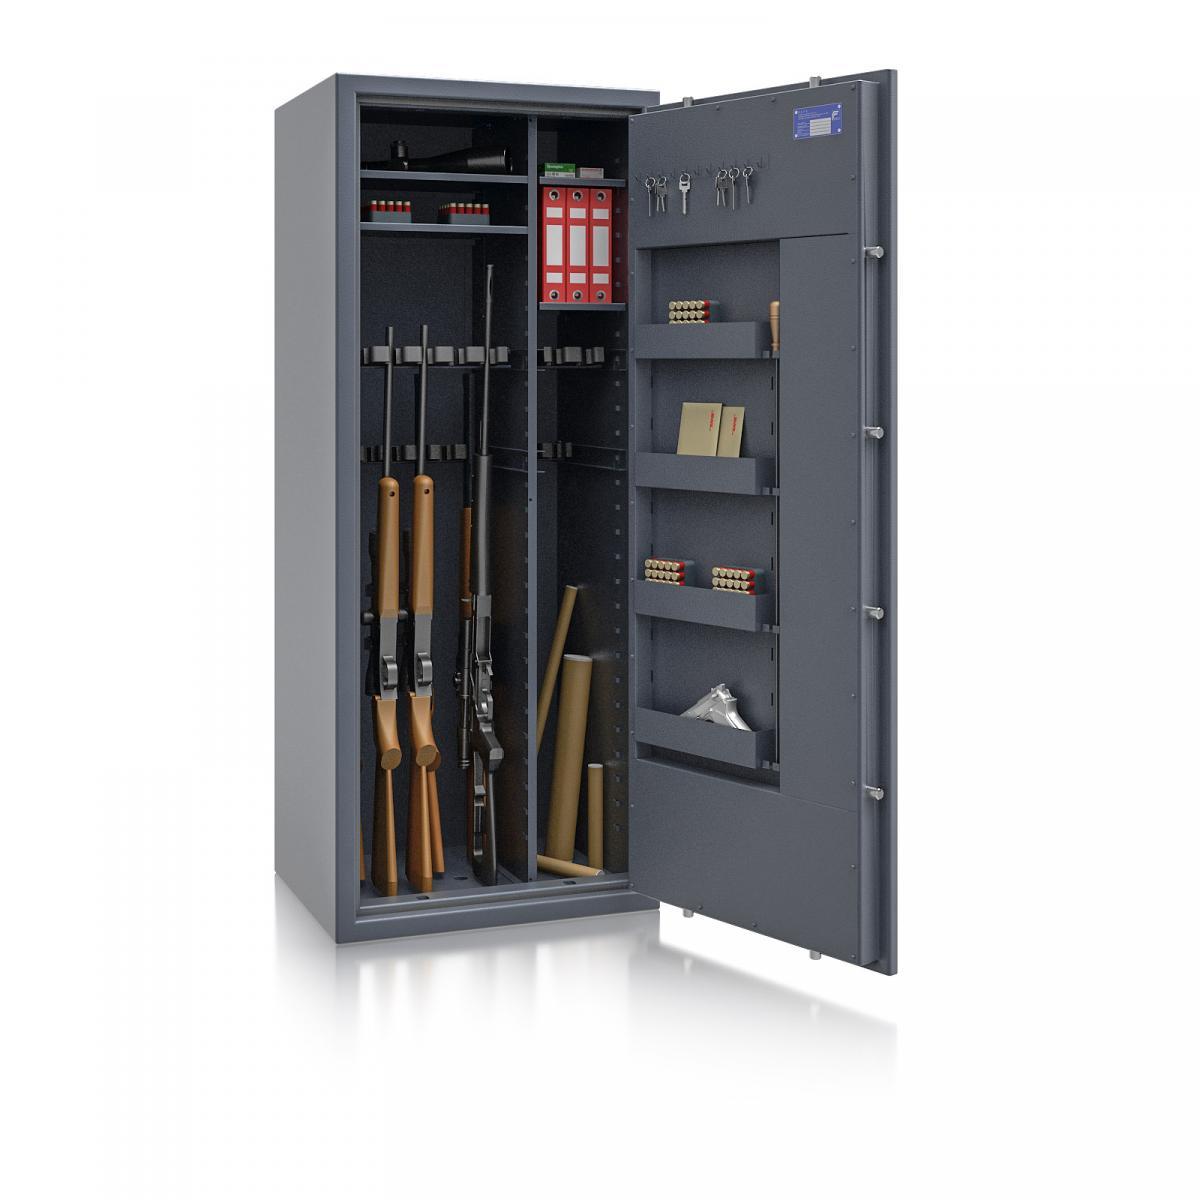 Waffenschrank St. Gallen WF MAX Kombi 3 - 1600x655x500 / 247kg 56469 / Klasse I / RAL7024 / Schlüssel / DIN R / mit Trennw.